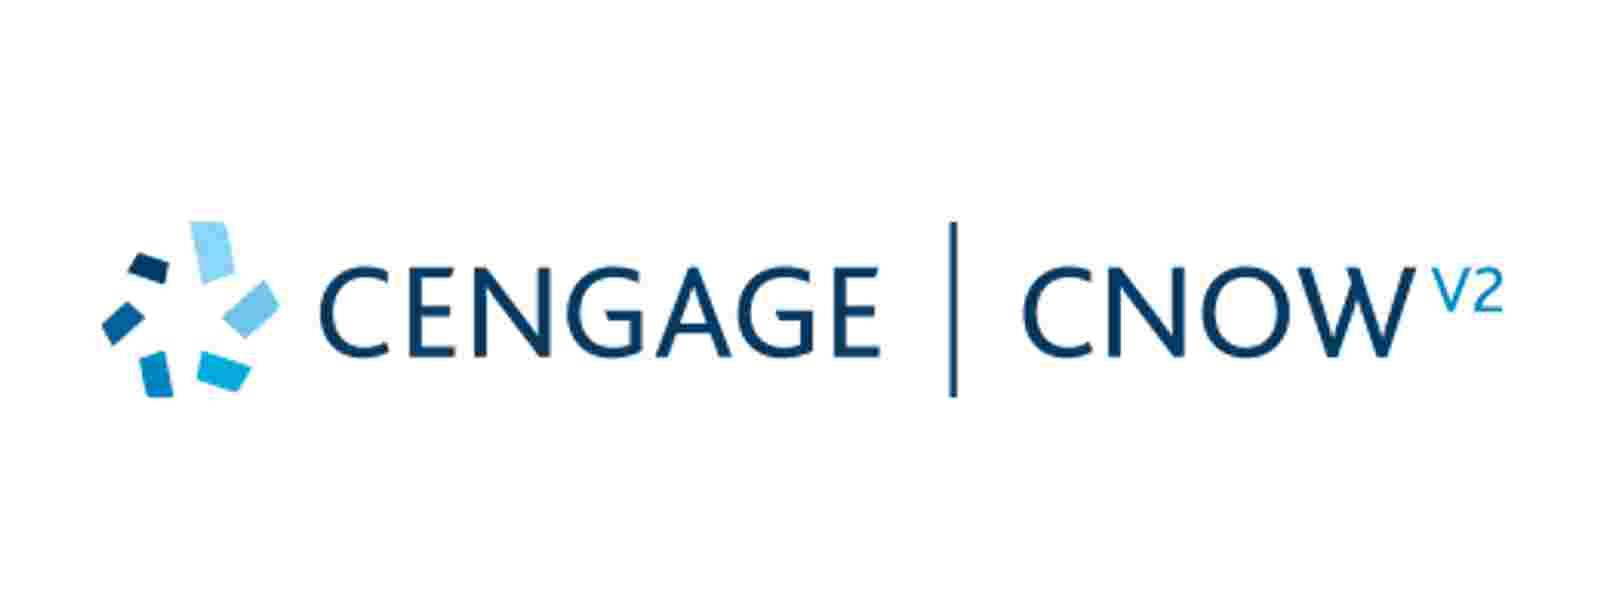 CengageNowv2